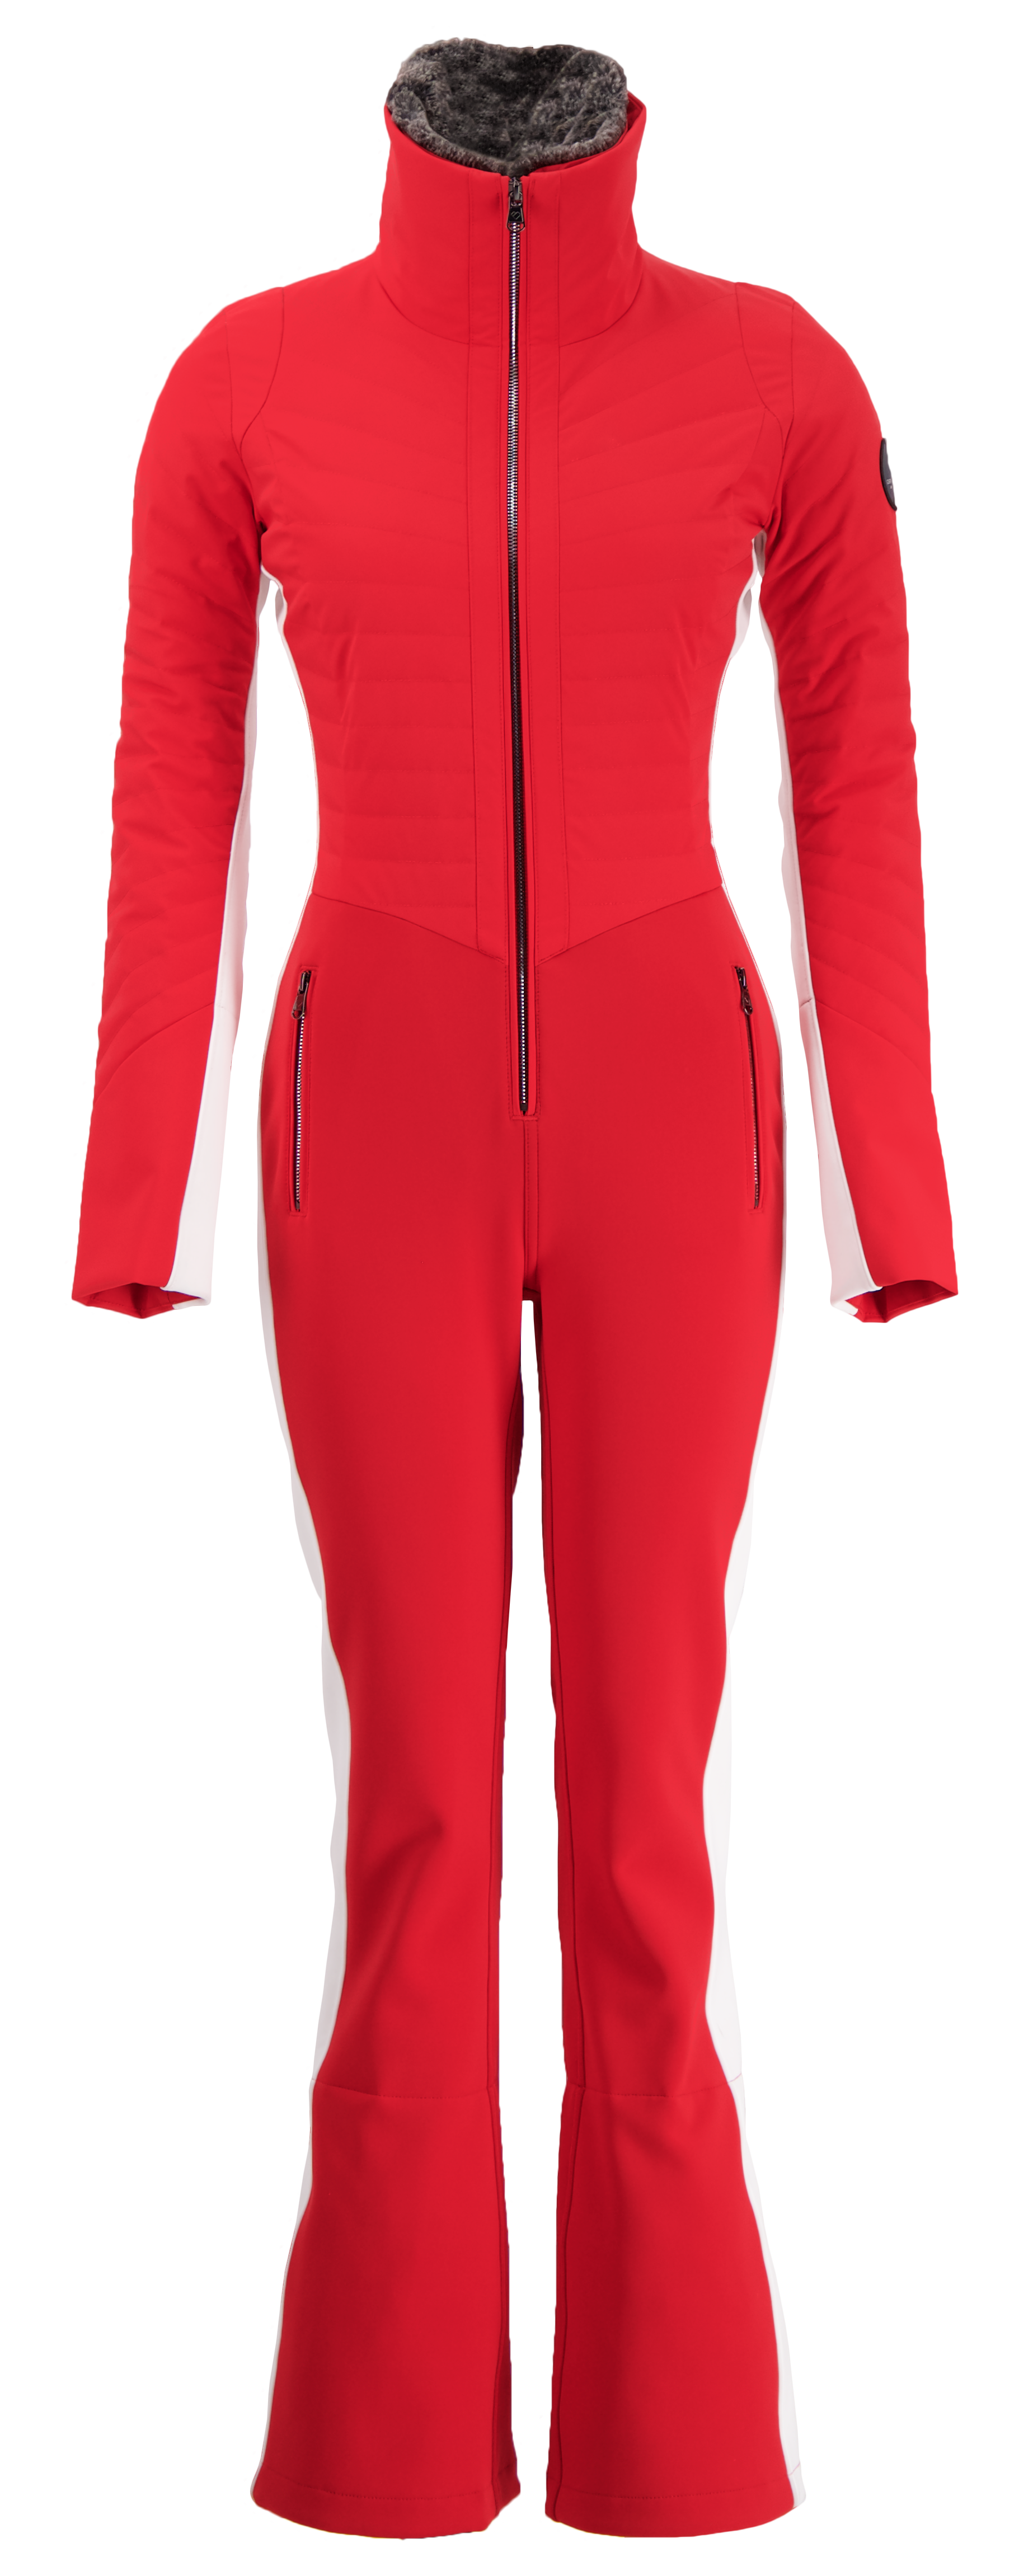 Racer eX 0502